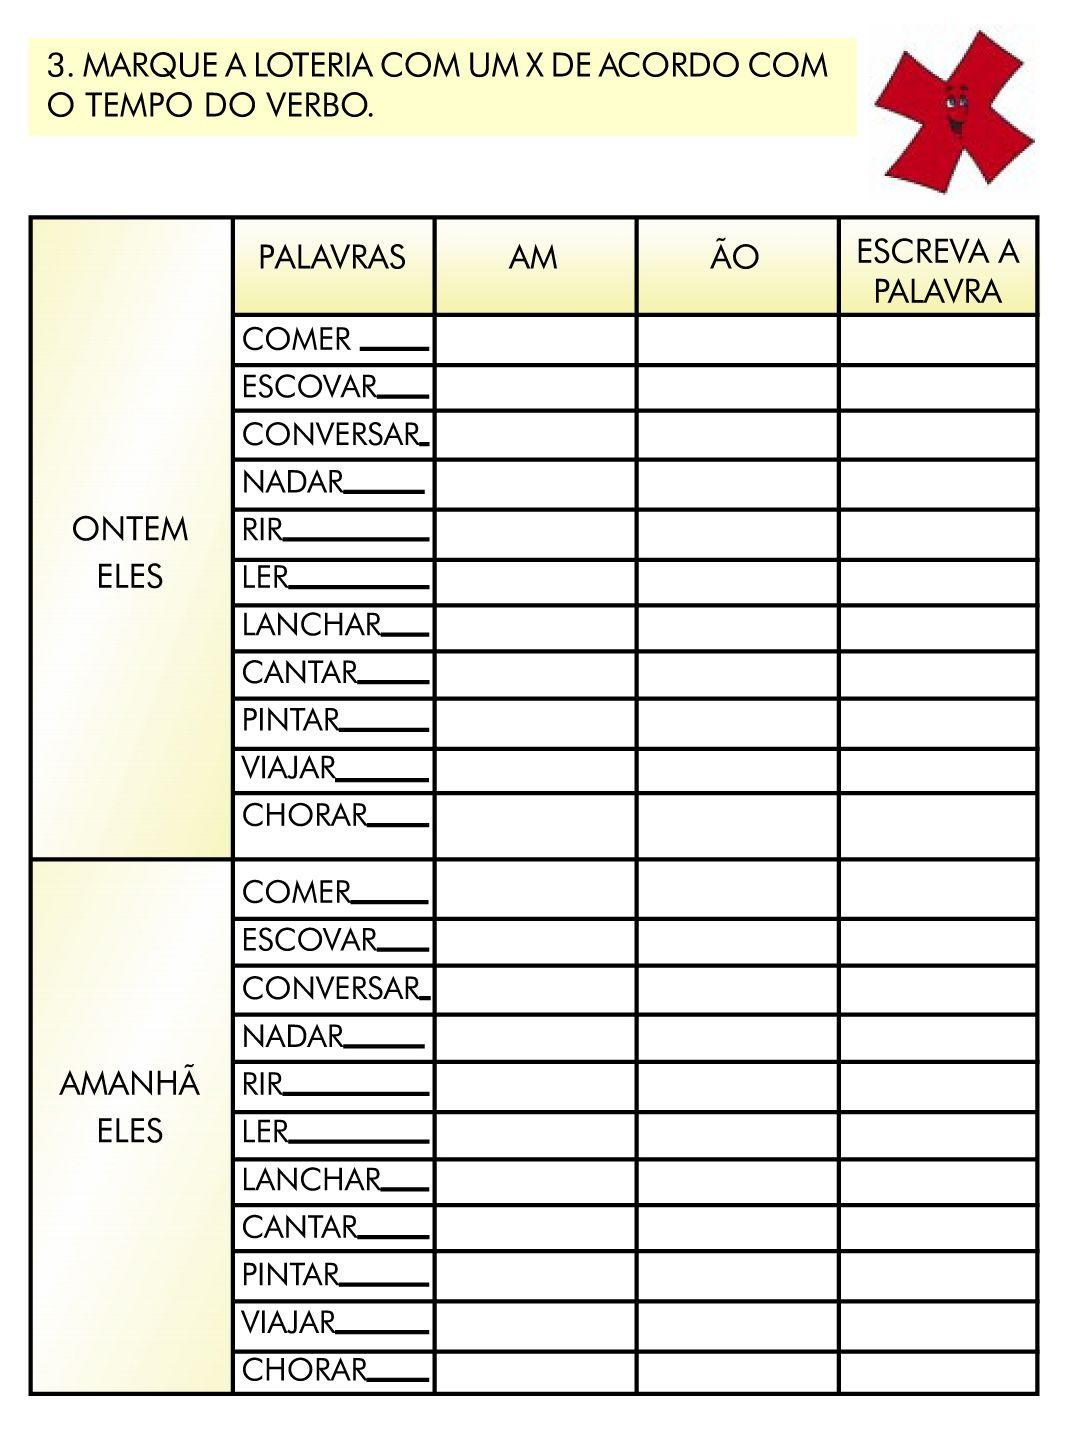 Em pdf salvar